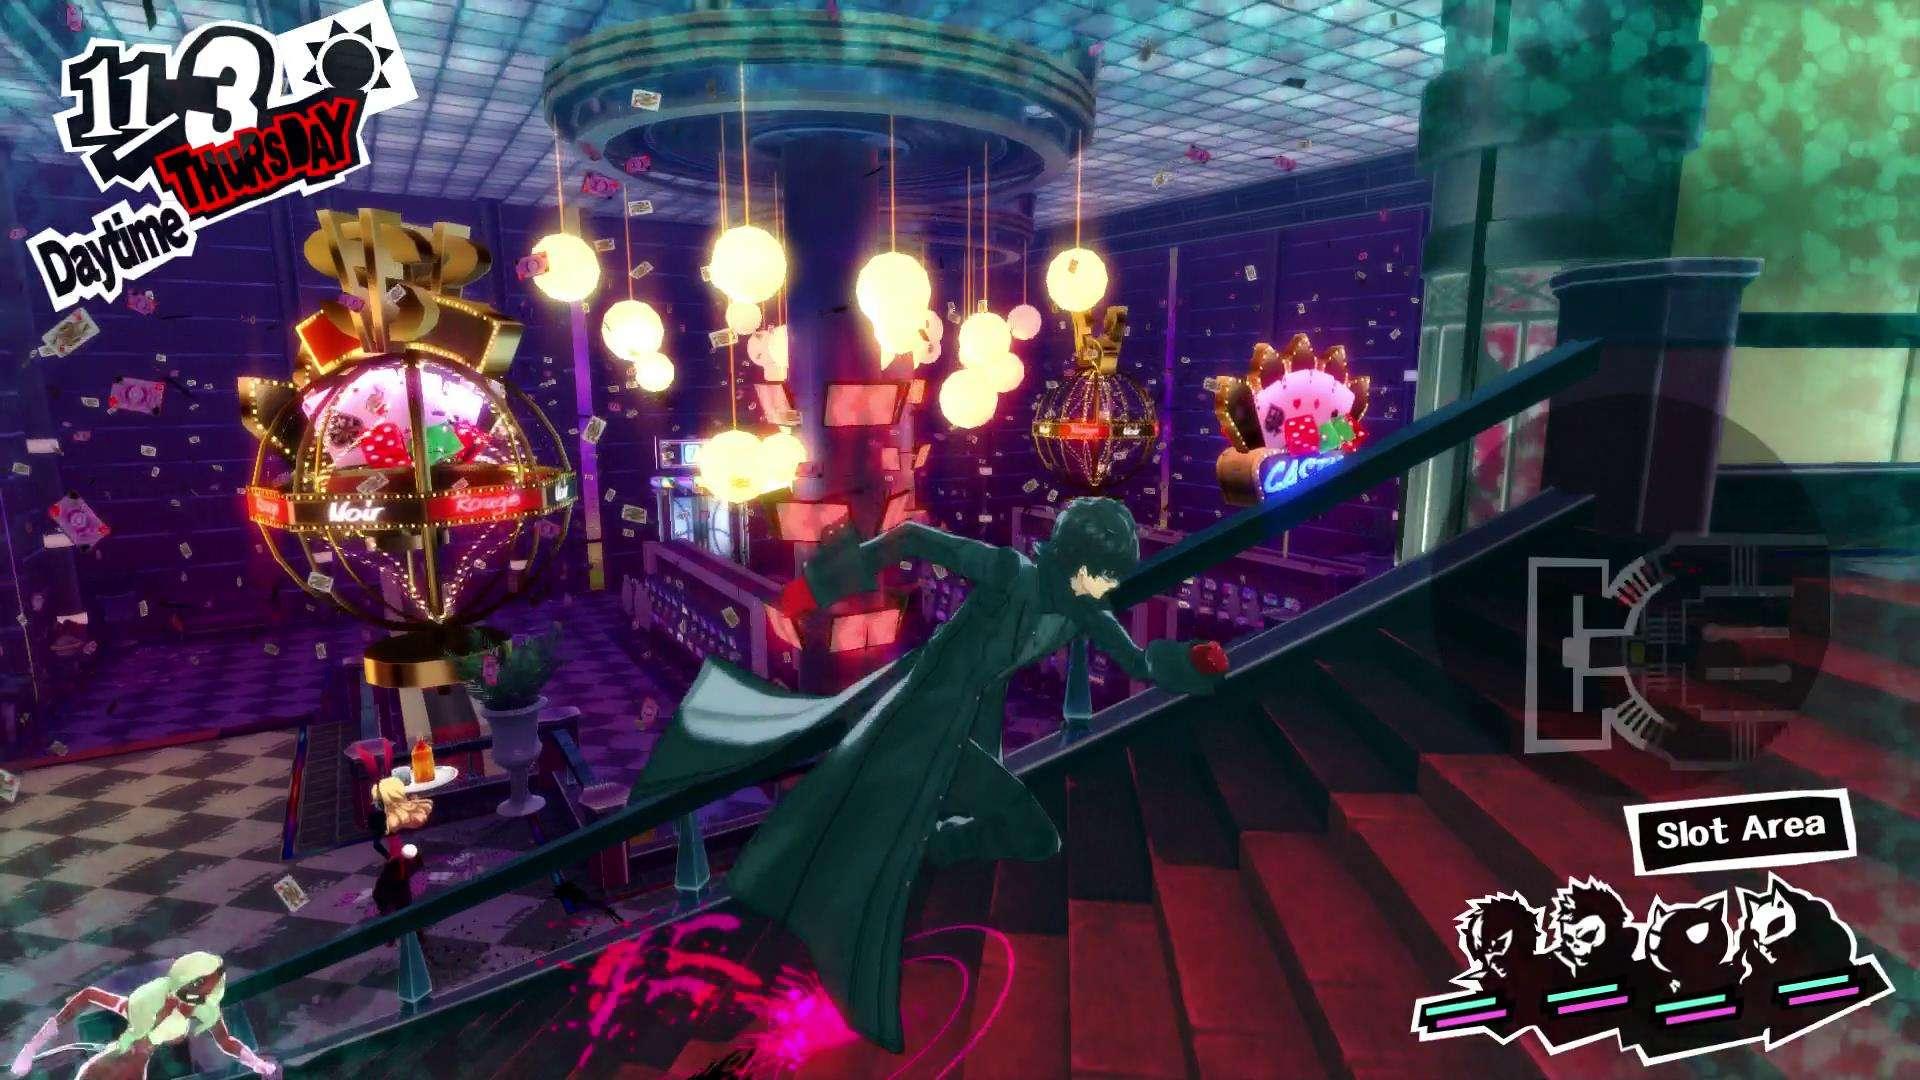 Persona 5 Screenshots 1 - Persona 5: guida per iniziare